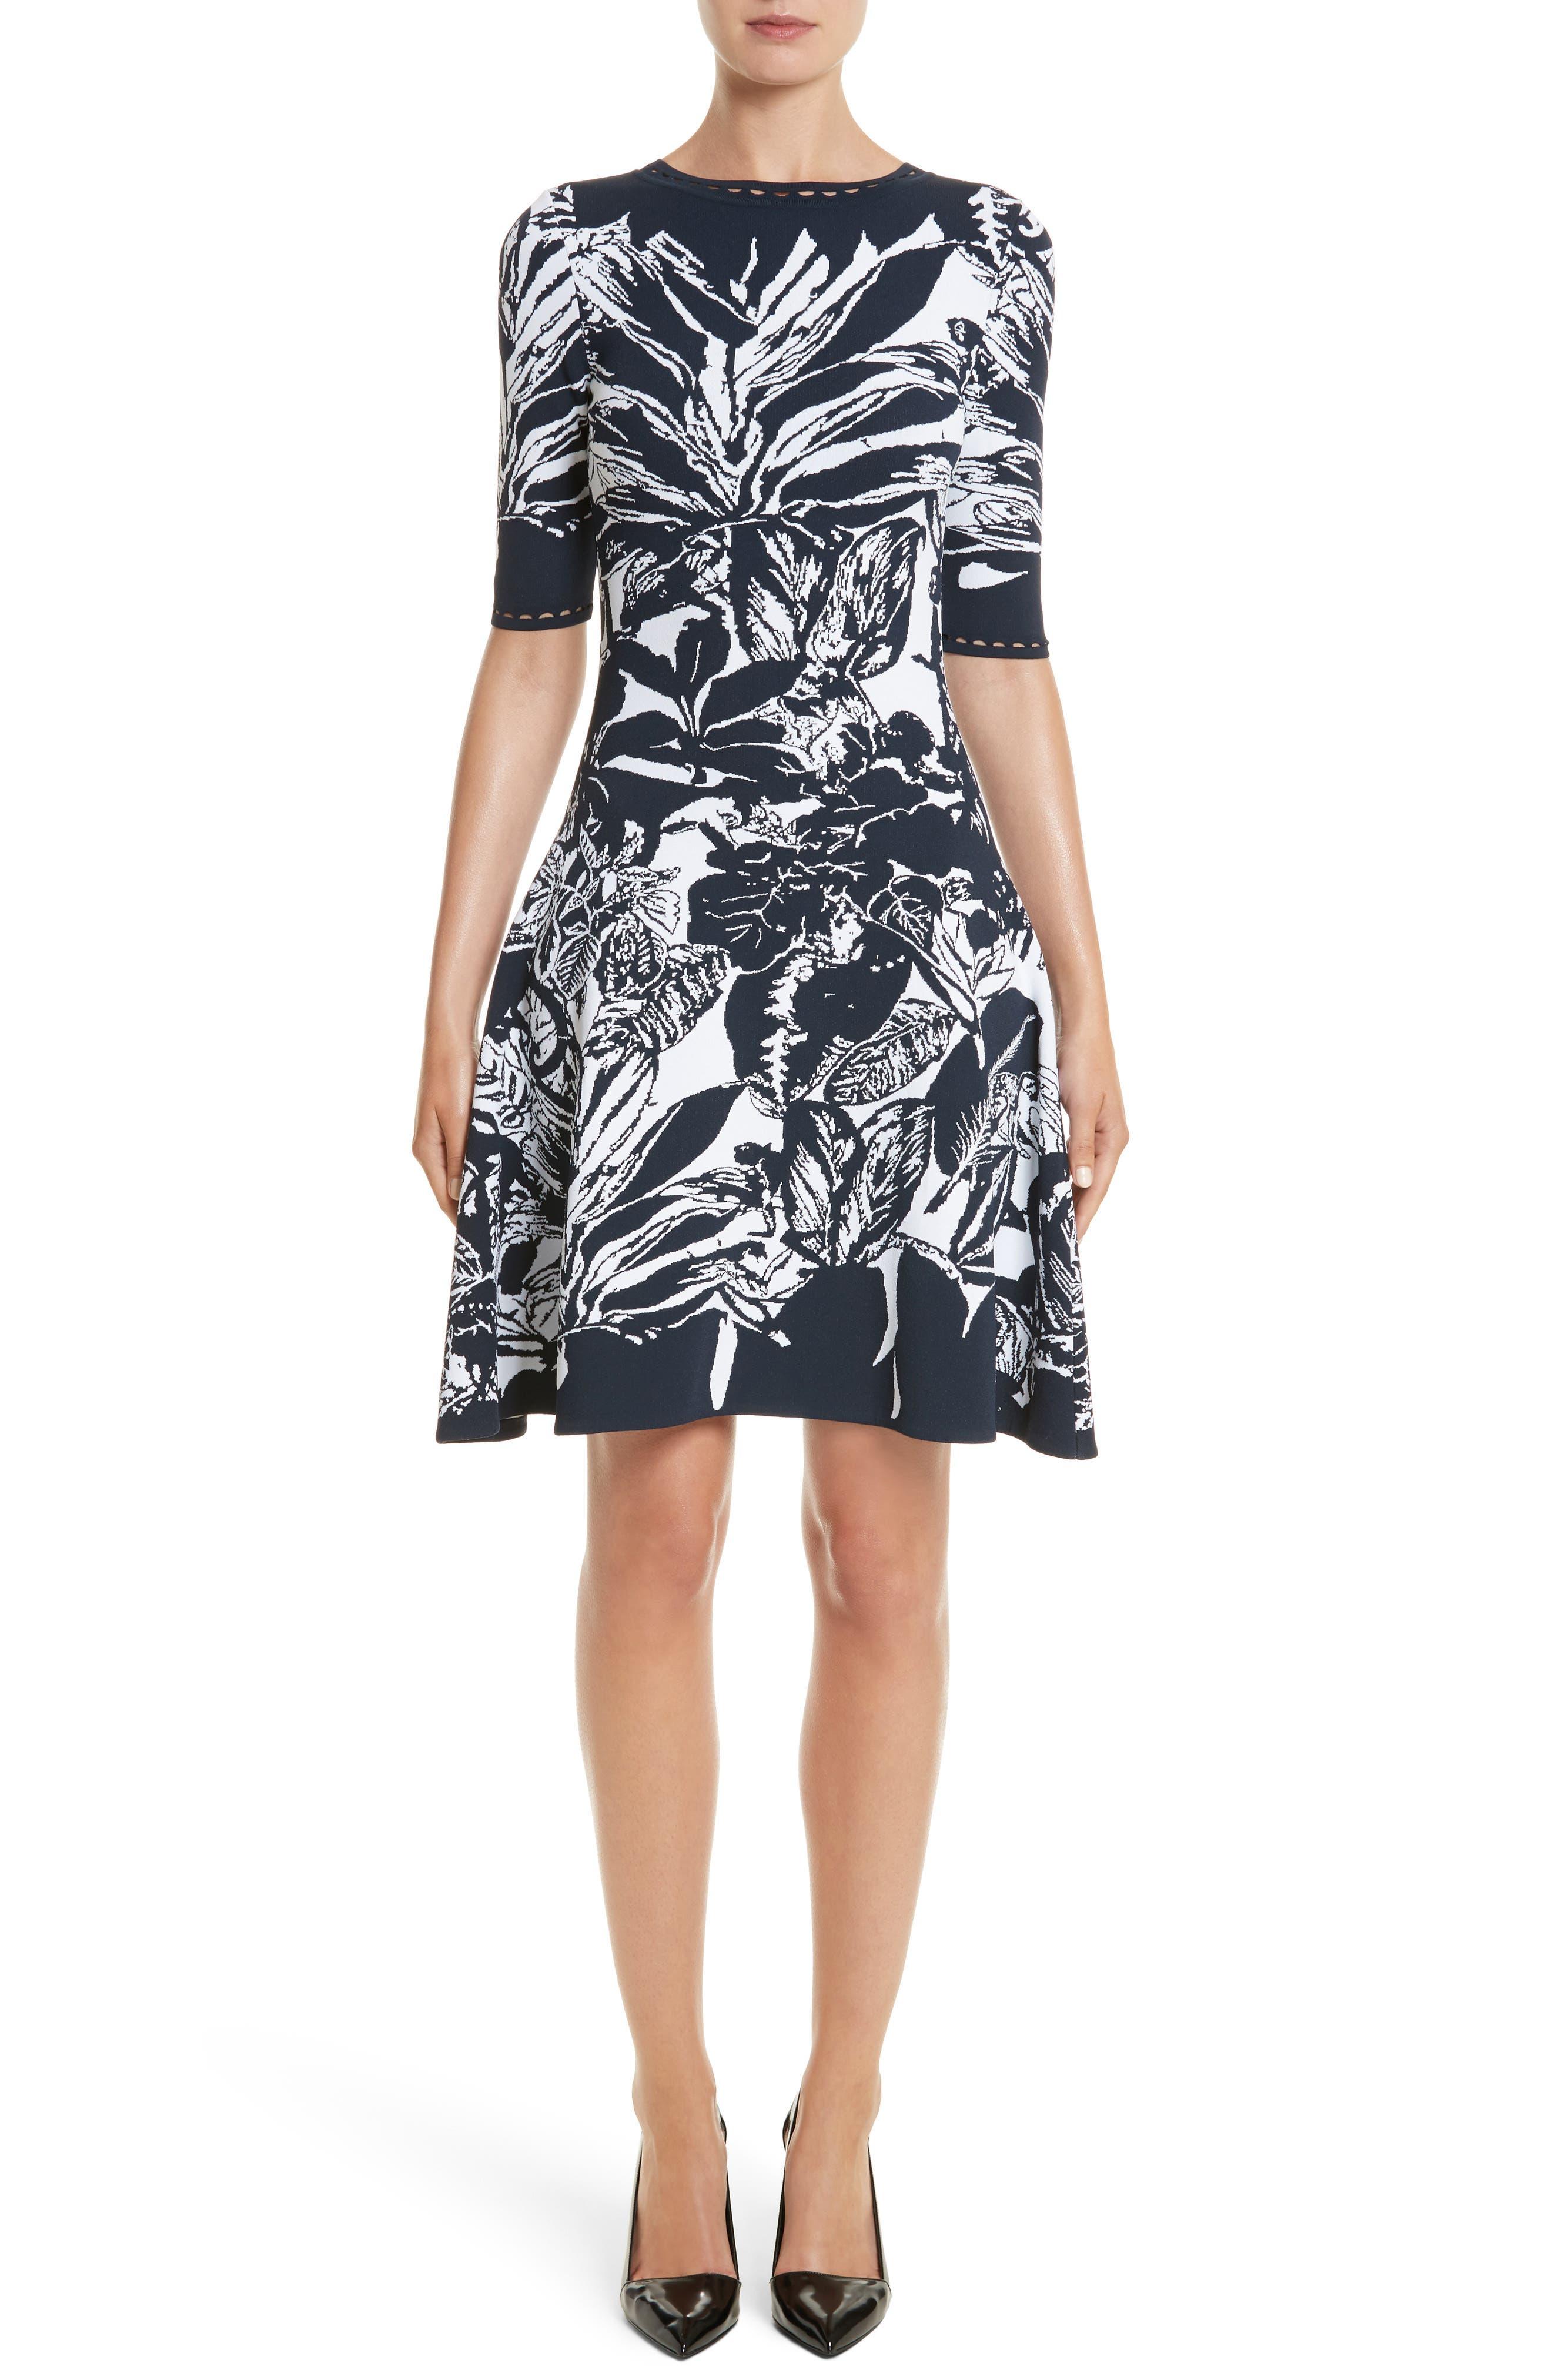 Oscar de la Renta Jungle Intarsia Knit Dress